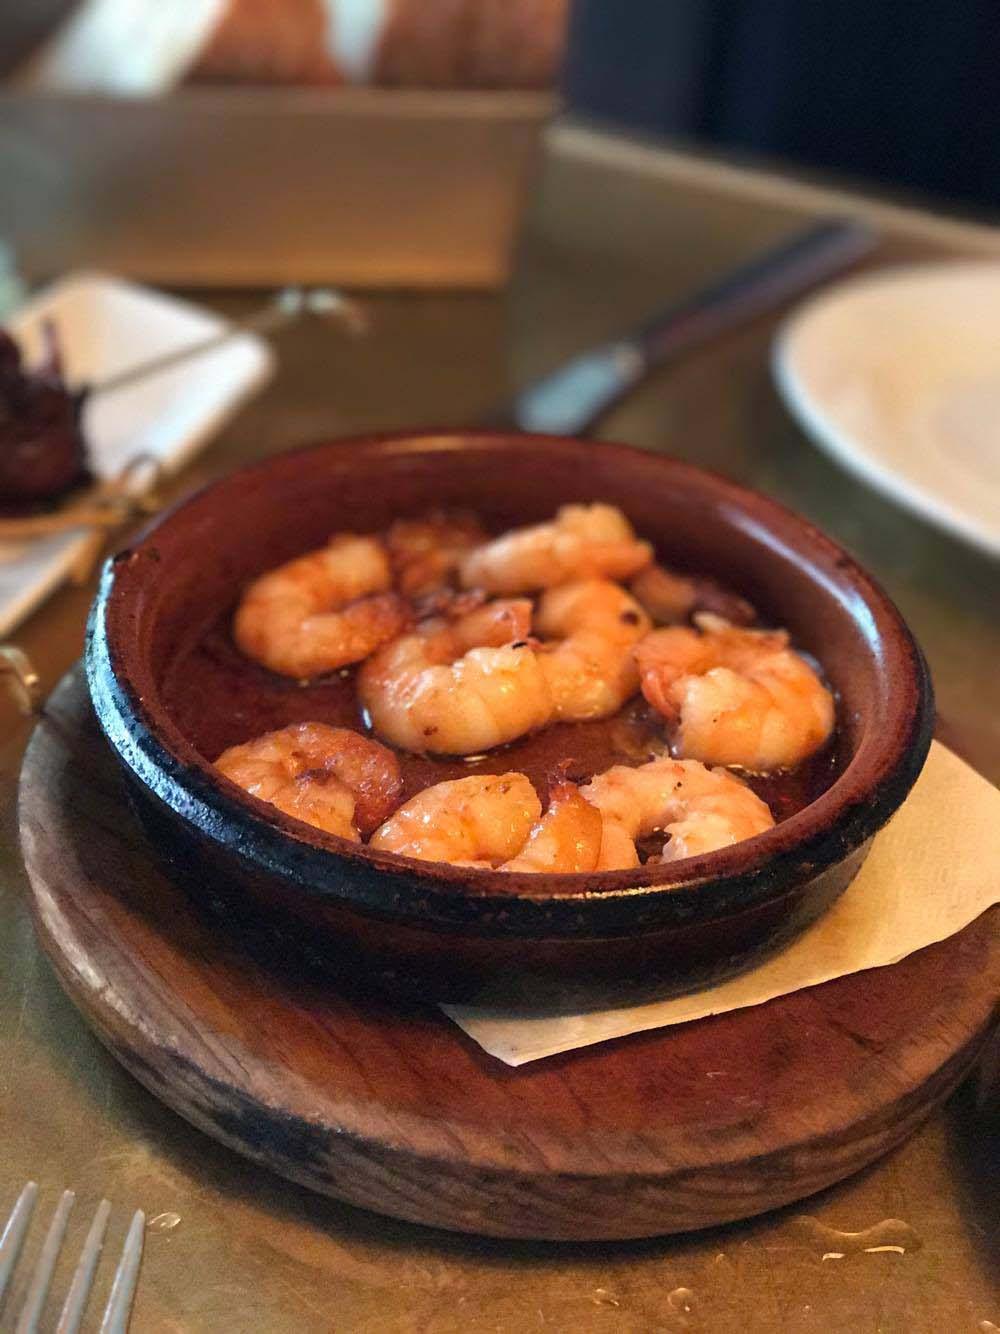 Socarrat shrimp